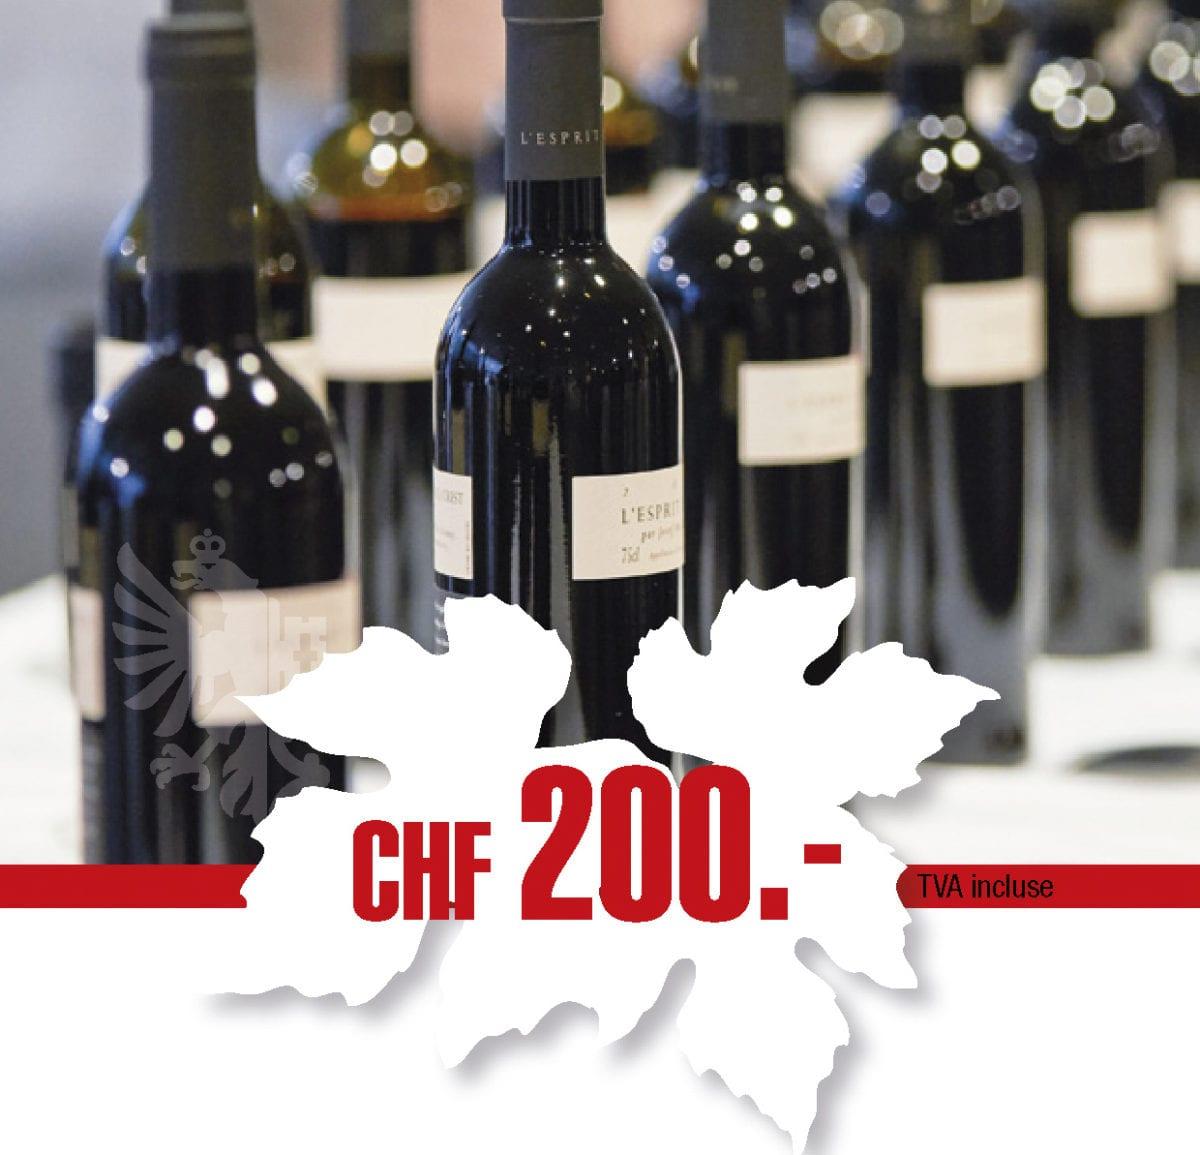 Bon d'achat pour les vins genevois «Une formidable opportunité»